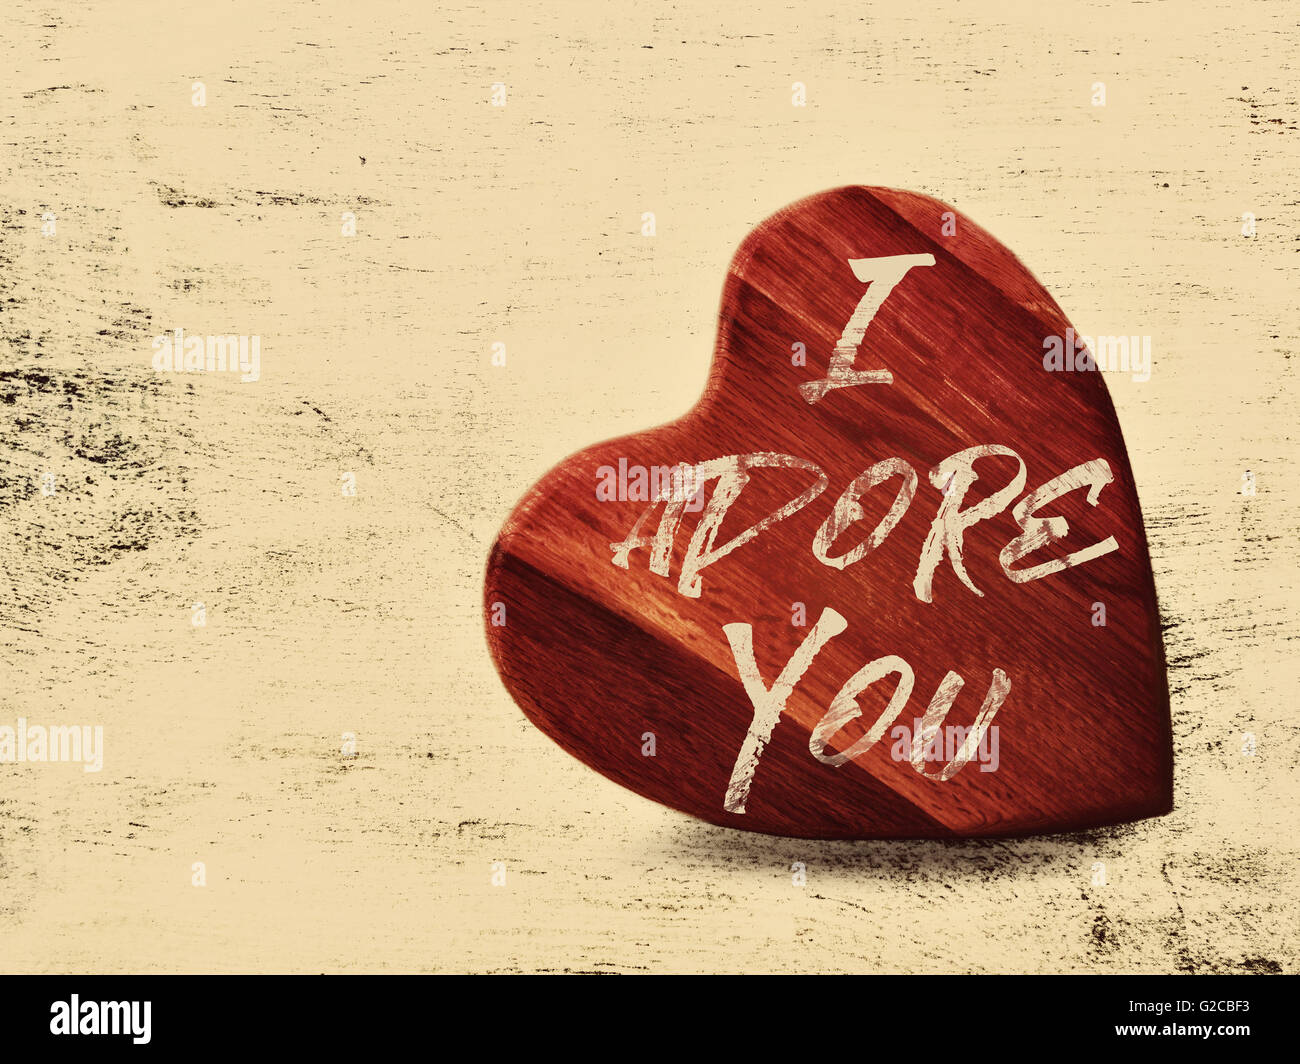 Valentine Wall Art Red Wooden Heart On A Grunge Cream Background